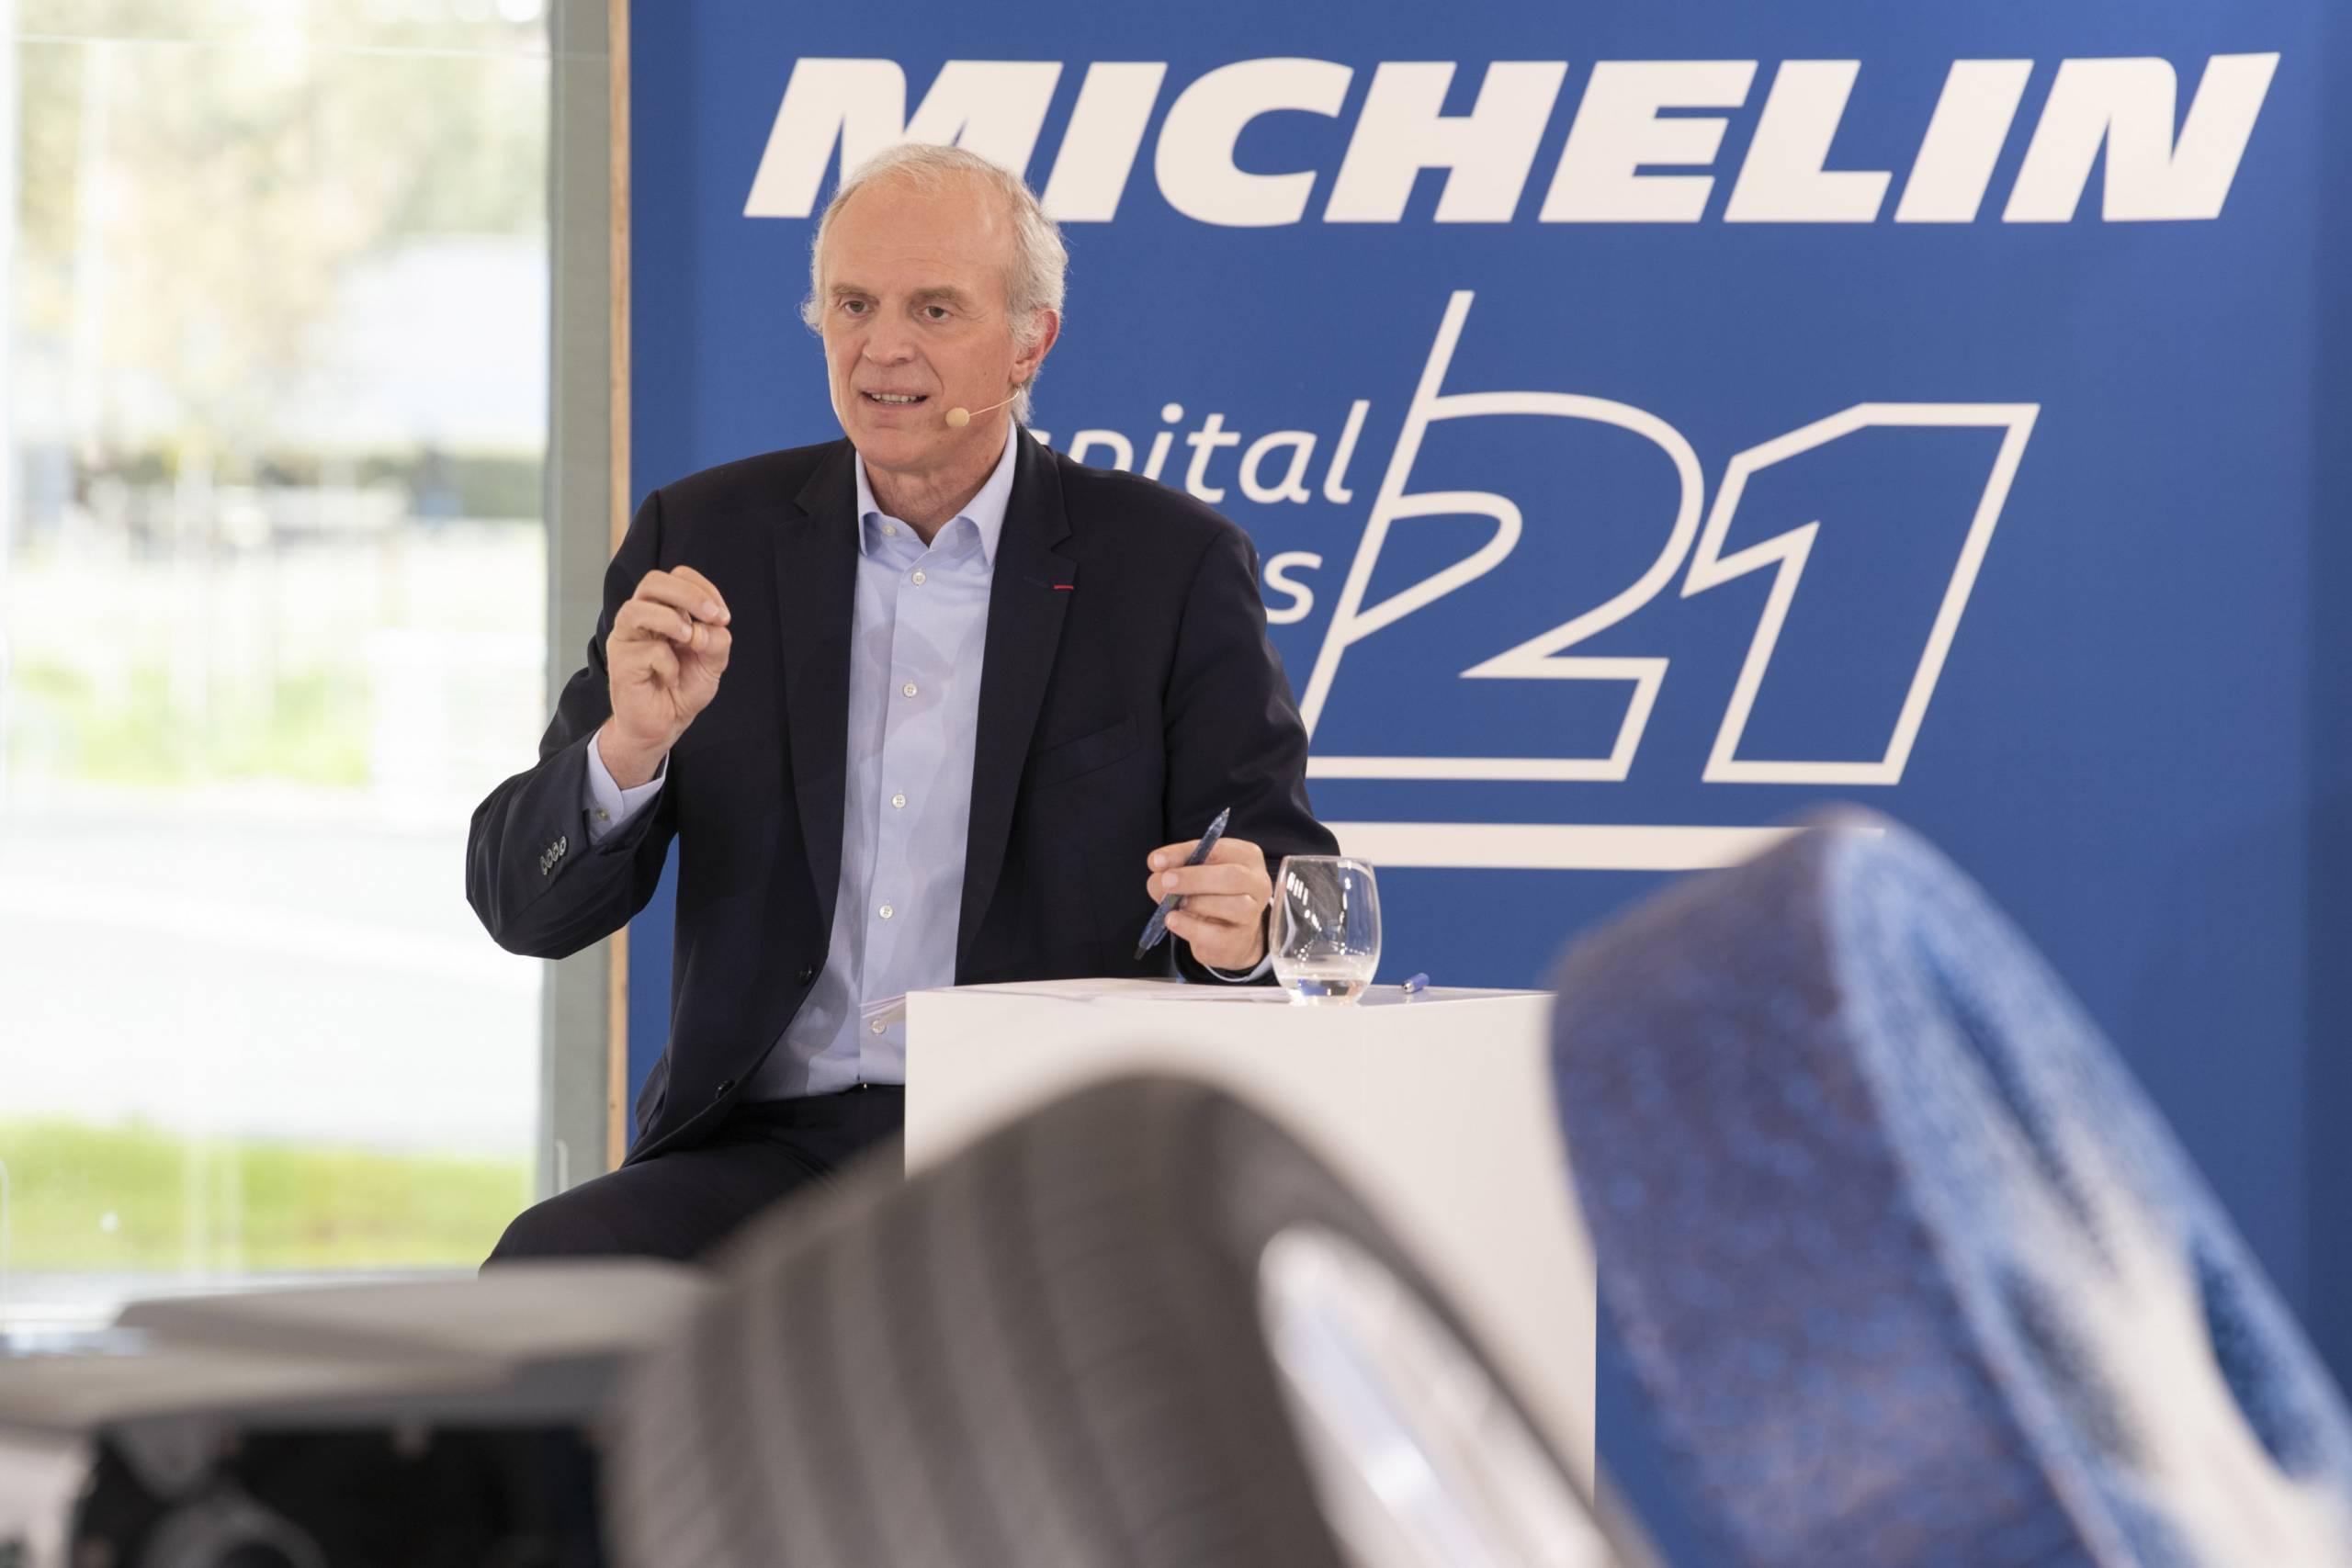 MICHELIN-Florent-Menegaux-CEO-del-Grupo-Michelin